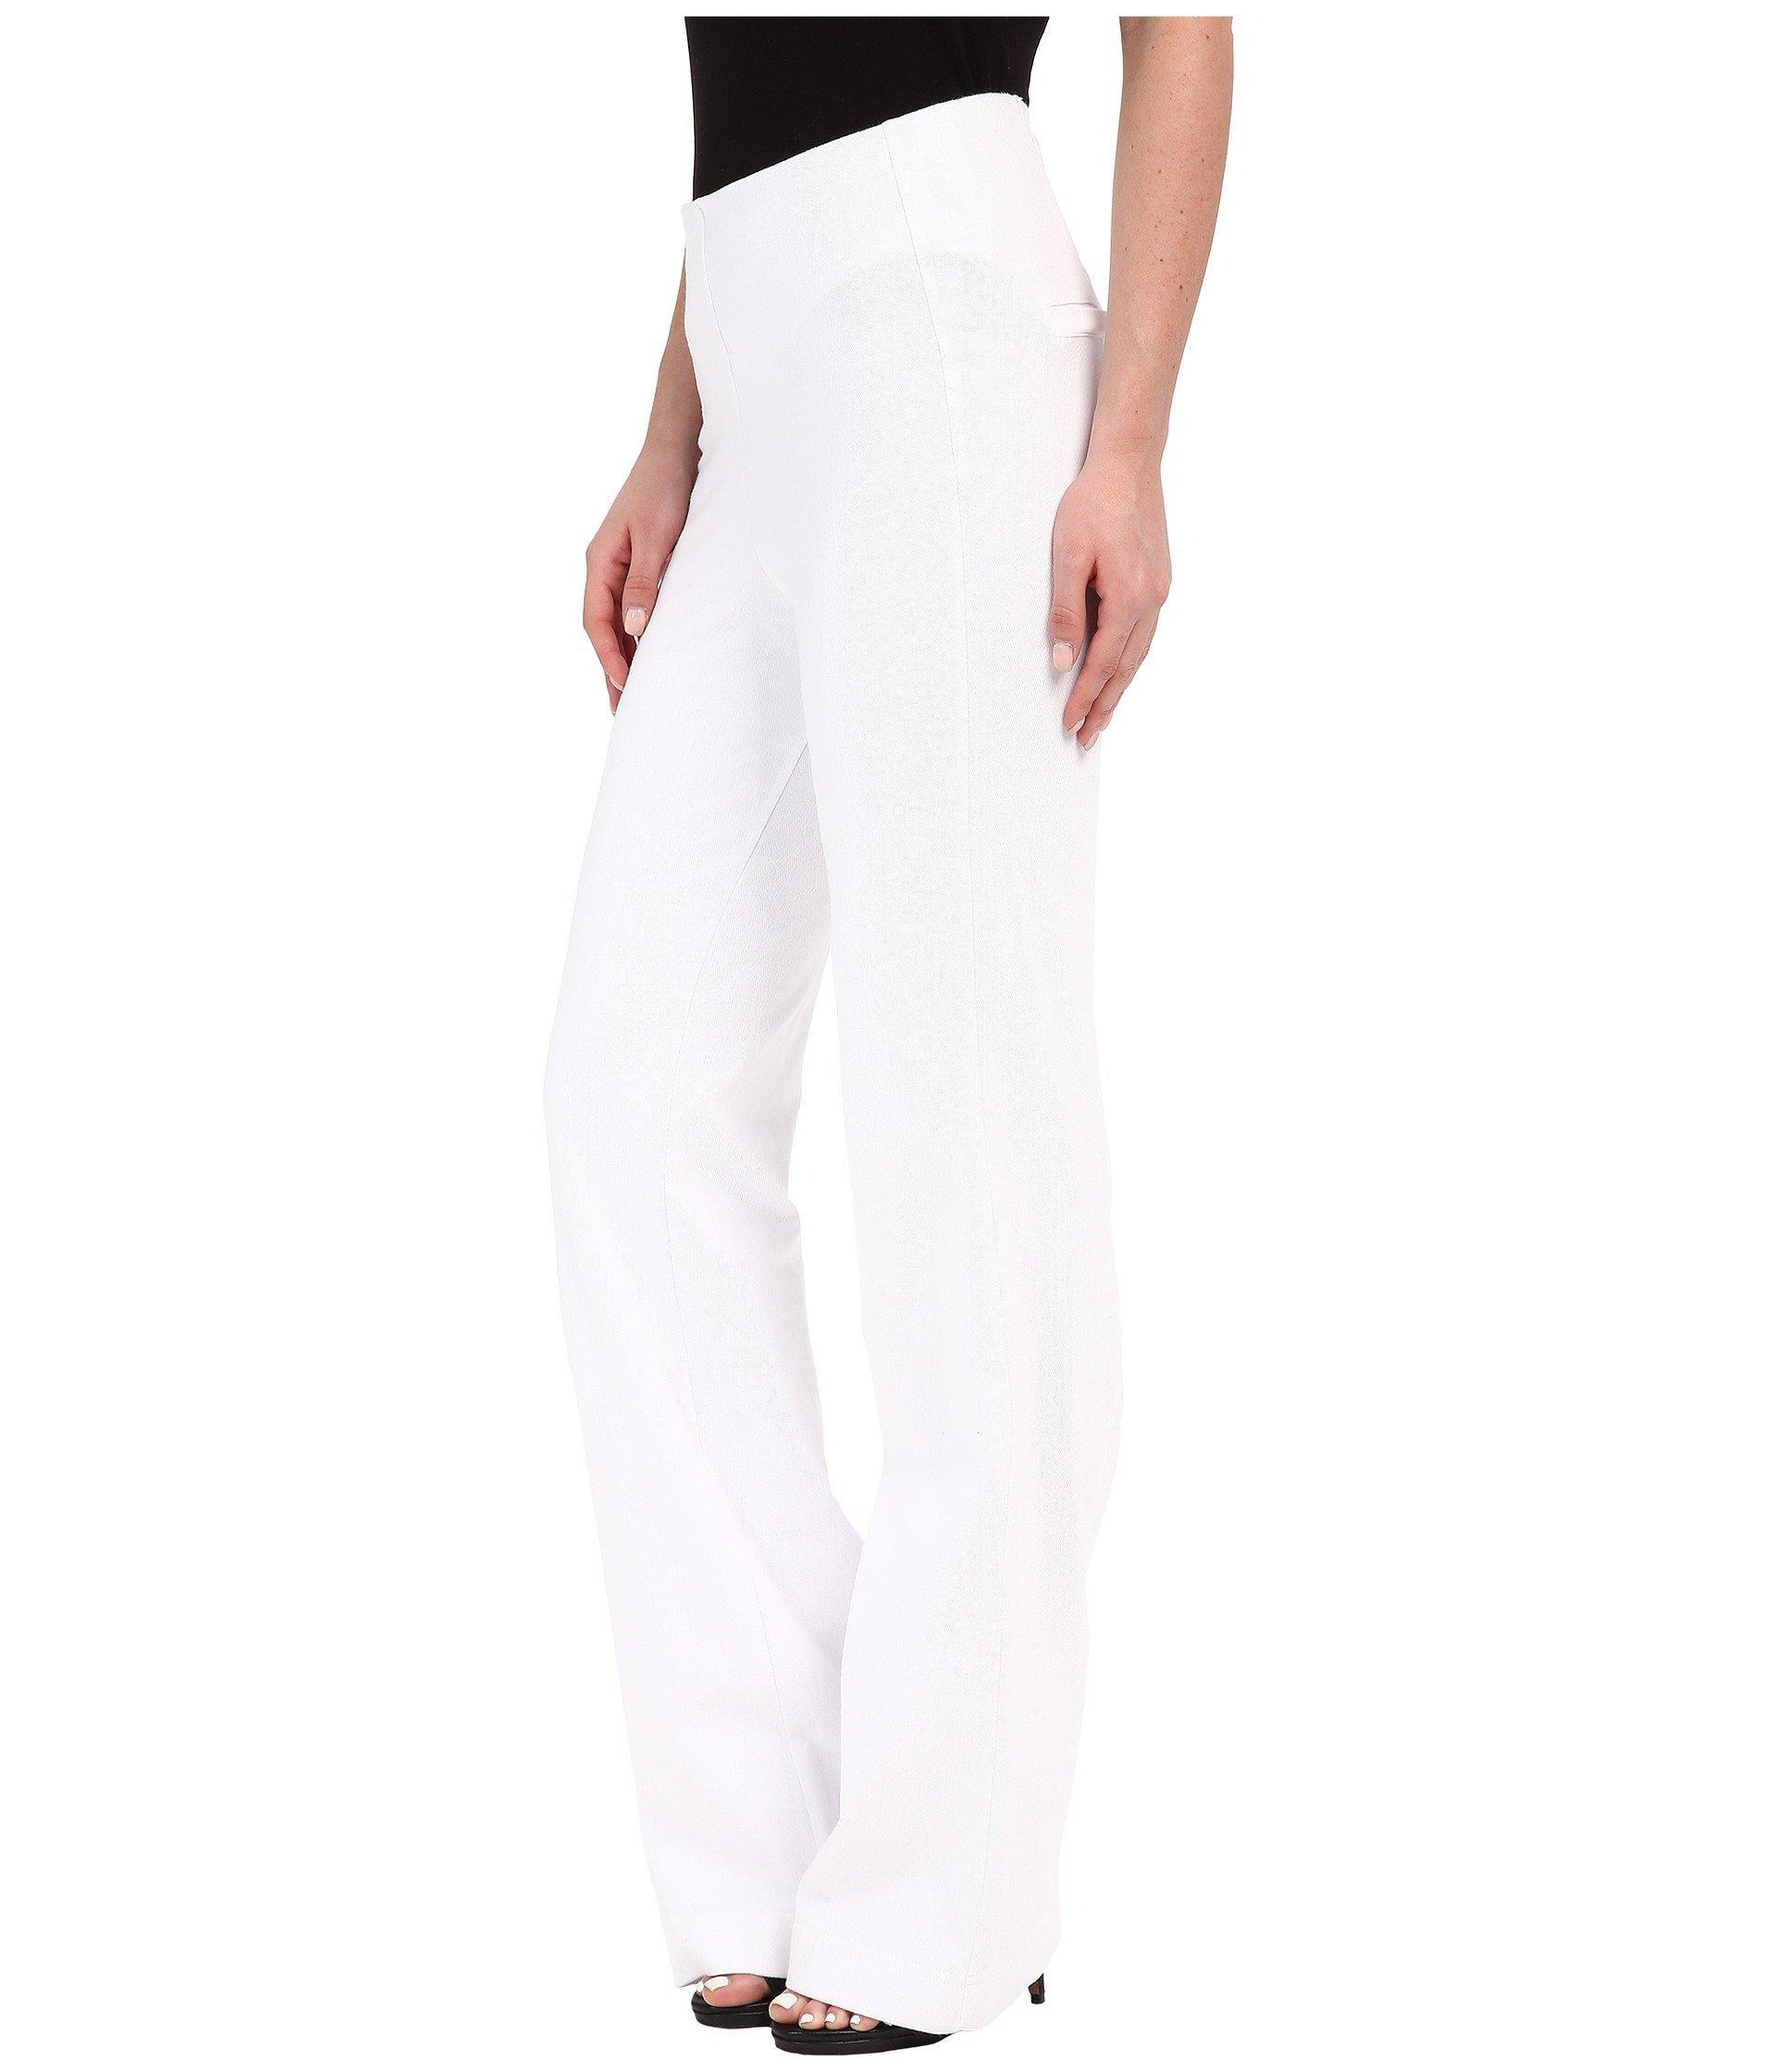 bfcd9e99353 Lyst - Lyssé Denim Trousers (indigo) Women s Jeans in White